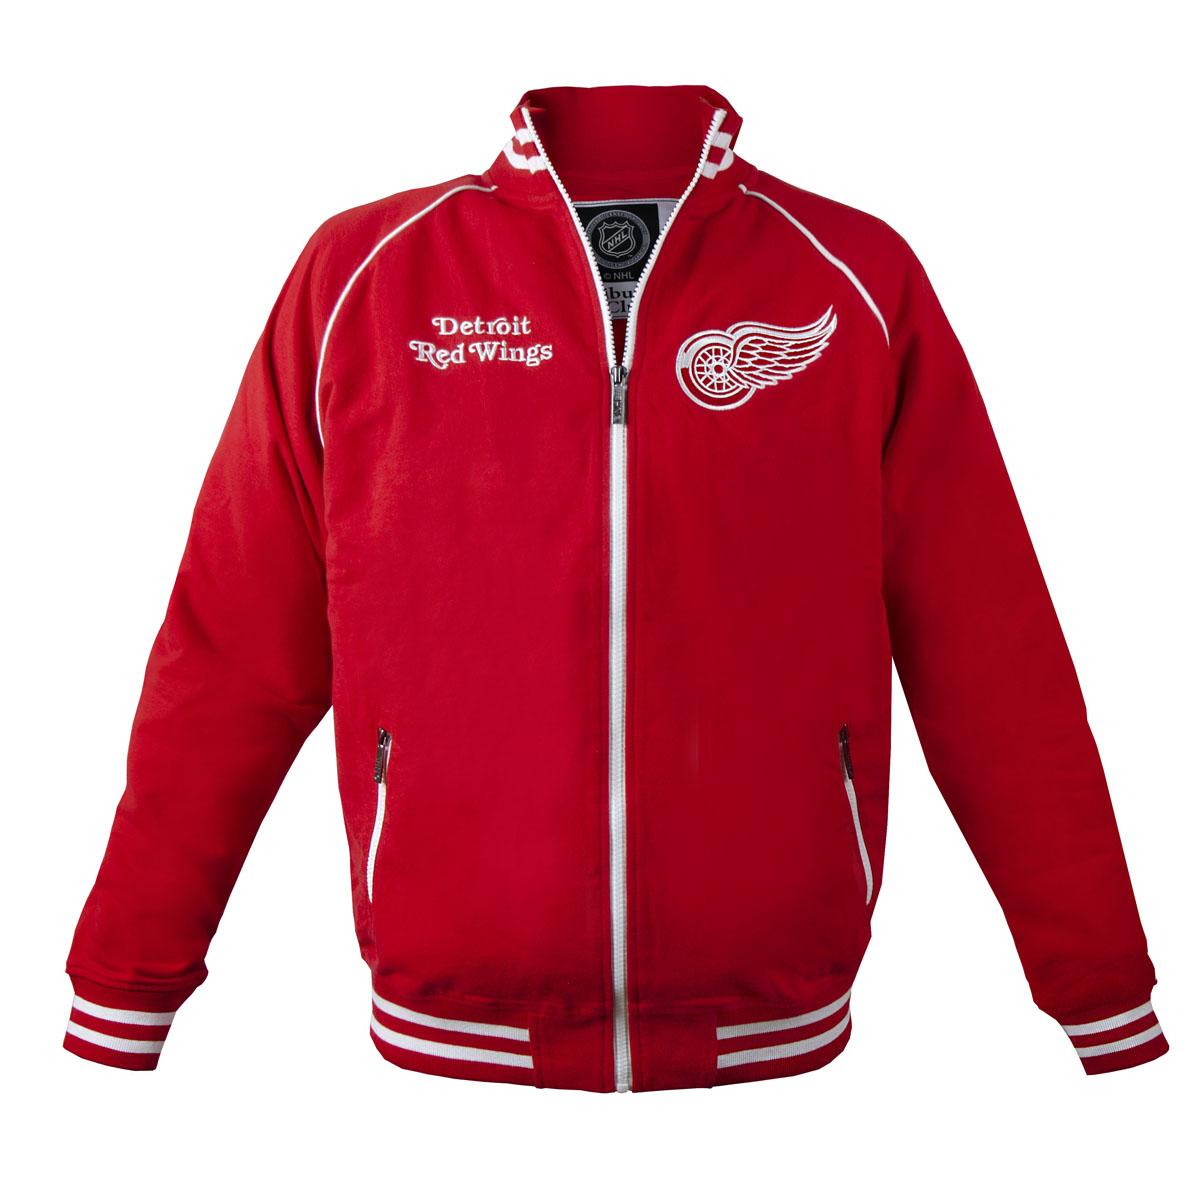 35600Мужская толстовка NHL Detroit Red Wings, изготовленная из натурального хлопка, очень мягкая и приятная на ощупь, не сковывает движения, обеспечивая наибольший комфорт. Толстовка с небольшим воротником-стойкой и длинными рукавами-реглан застегивается на молнию по всей длине. Снизу модели предусмотрена широкая мягкая резинка, которая предотвращает проникновение холодного воздуха. Рукава дополнены эластичными манжетами. Спереди расположены два прорезных кармана на застежках-молниях. Изделие оформлено вышивками с названием хоккейного клуба Detroit Red Wings и его эмблемой. Стильная толстовка подарит вам комфорт и станет отличным дополнением к вашему гардеробу.